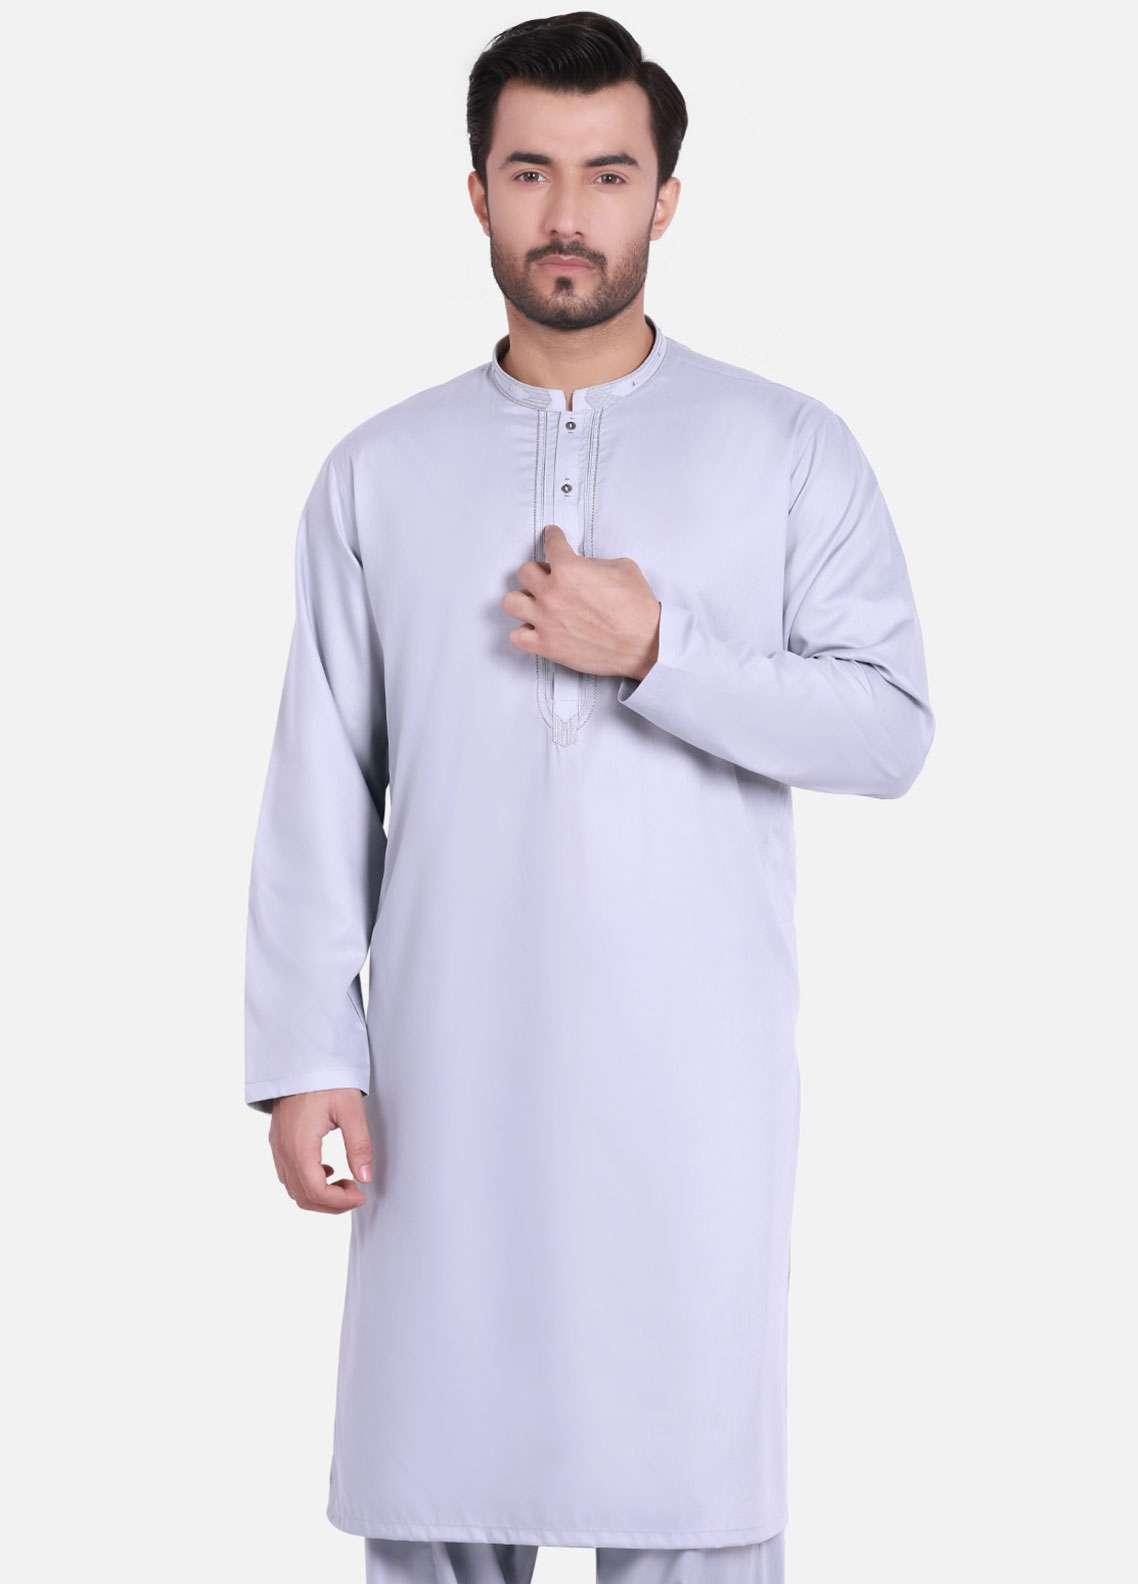 Edenrobe Cotton Formal Kameez Shalwar for Men - Ash Grey EMTKS-40705